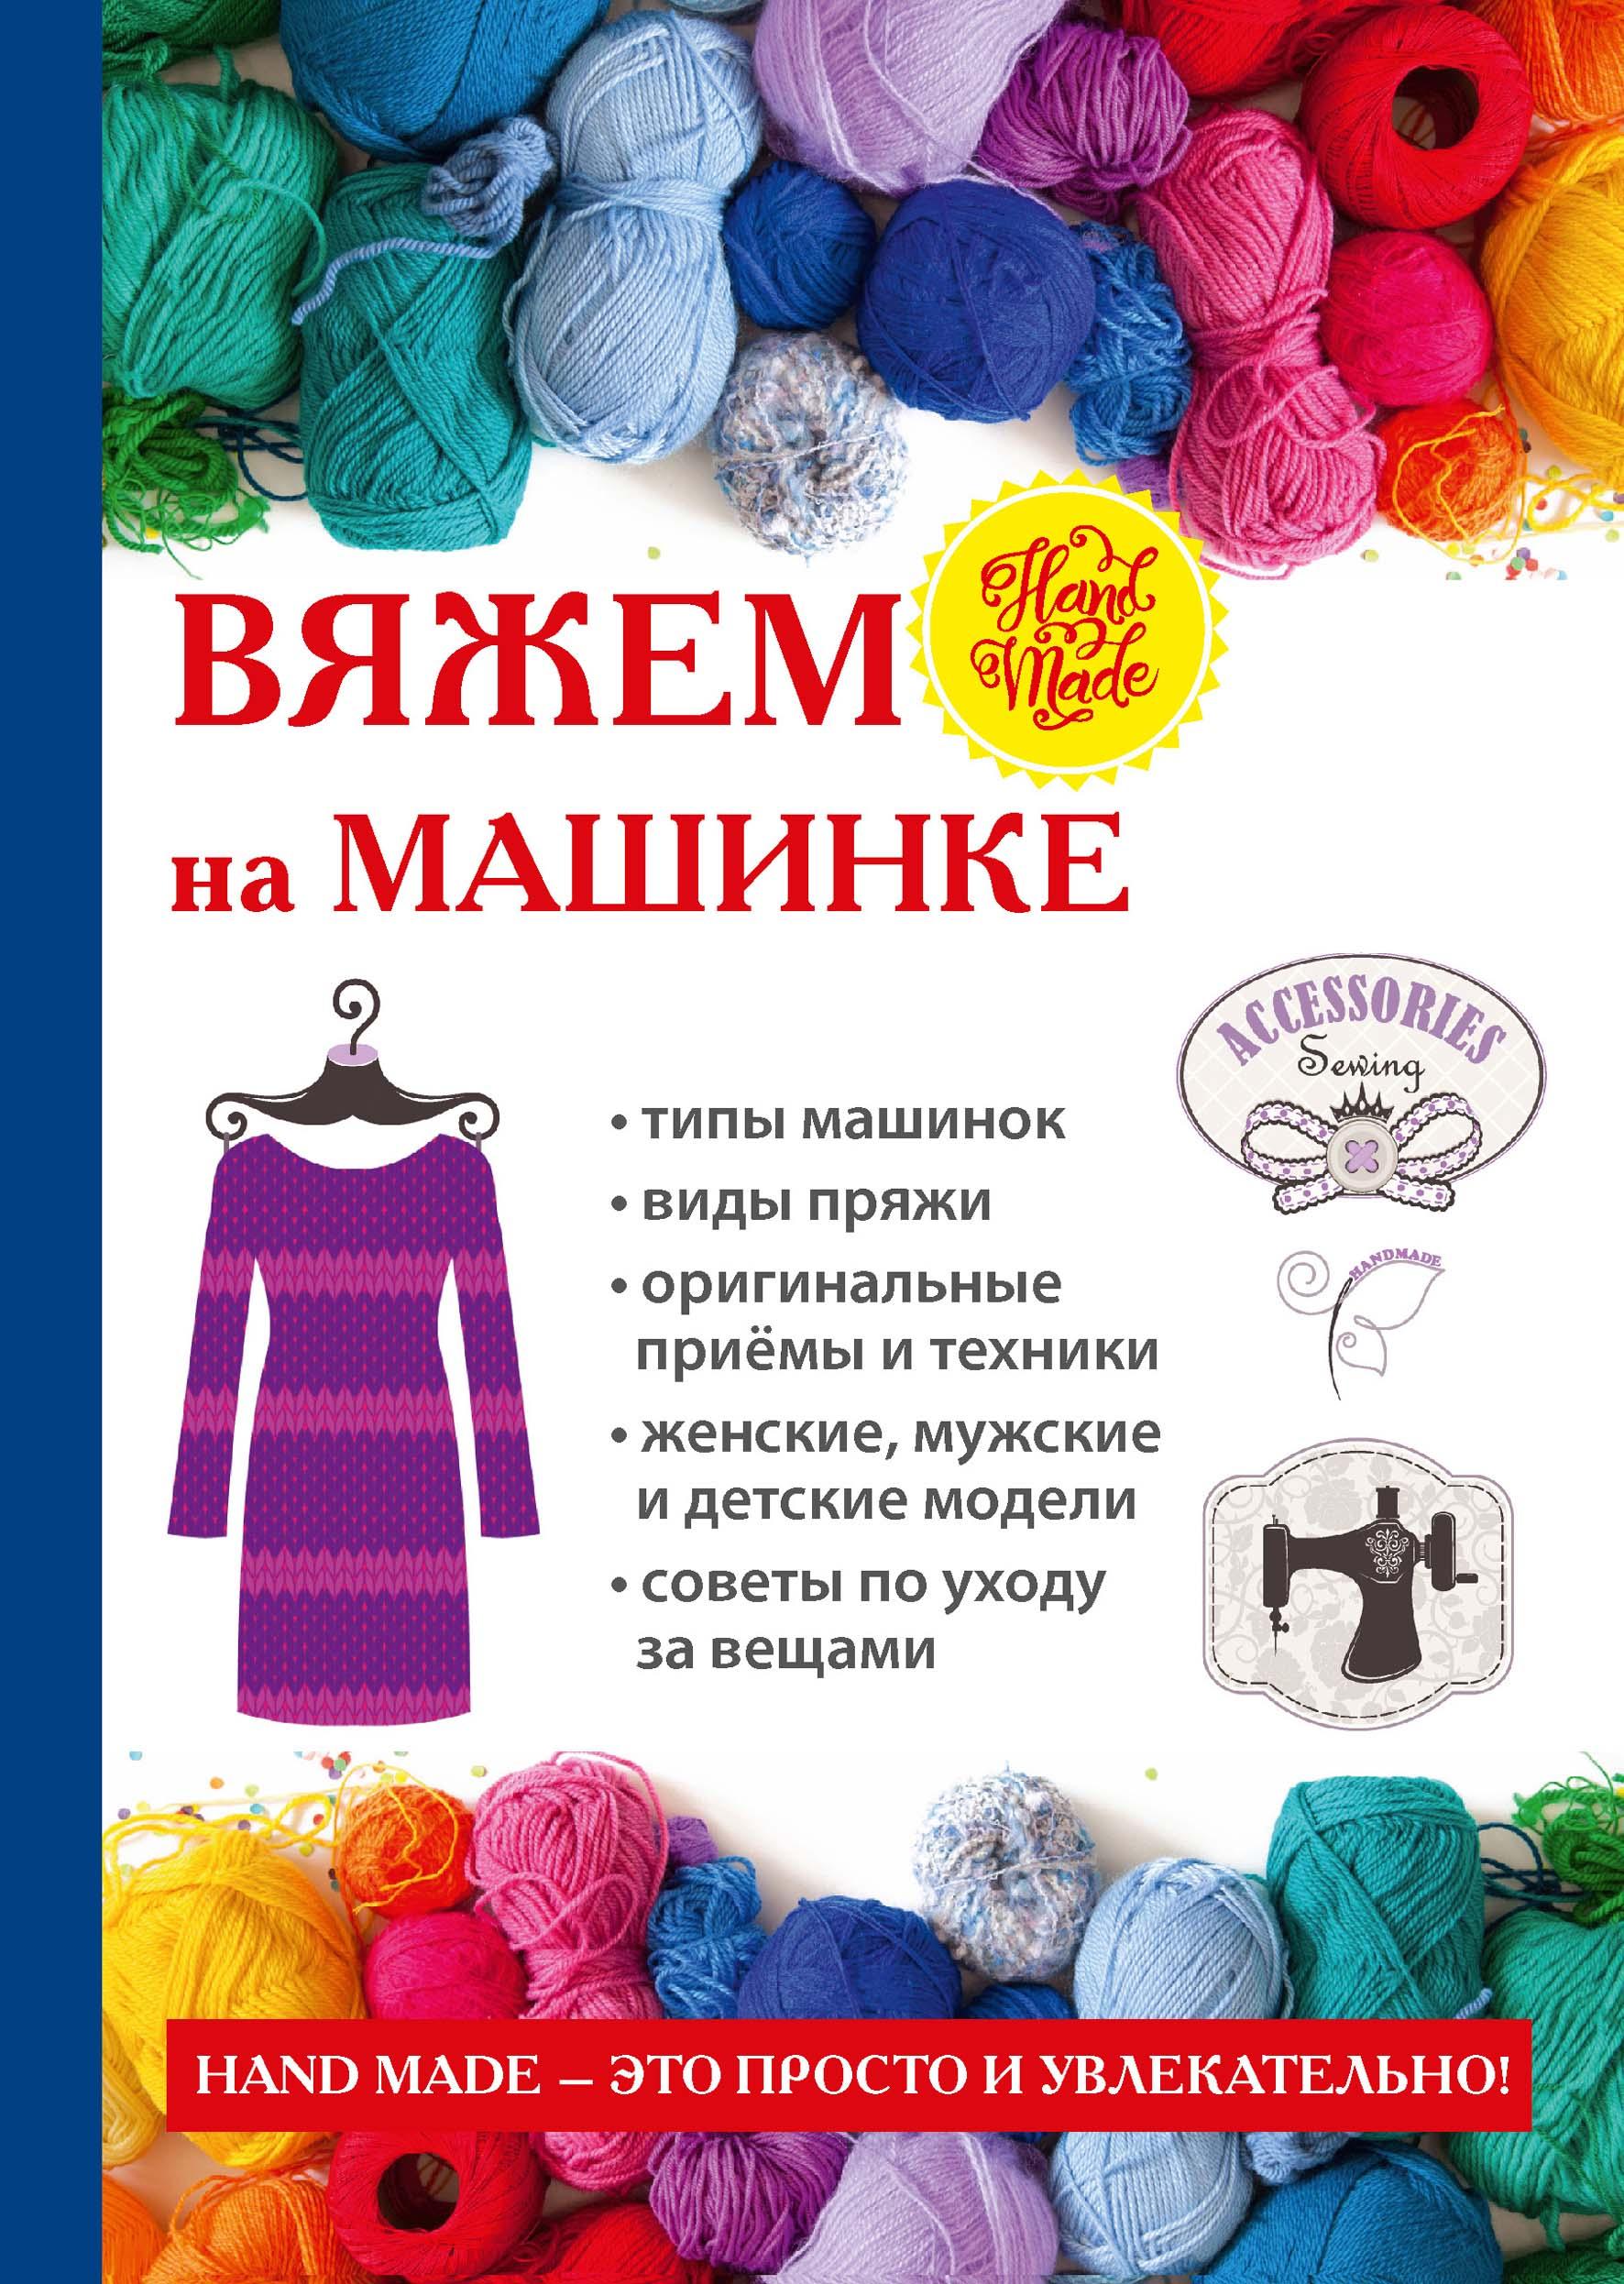 А. В. Печкарева, Л. Г. Ерофеева Вяжем на машинке джемперы